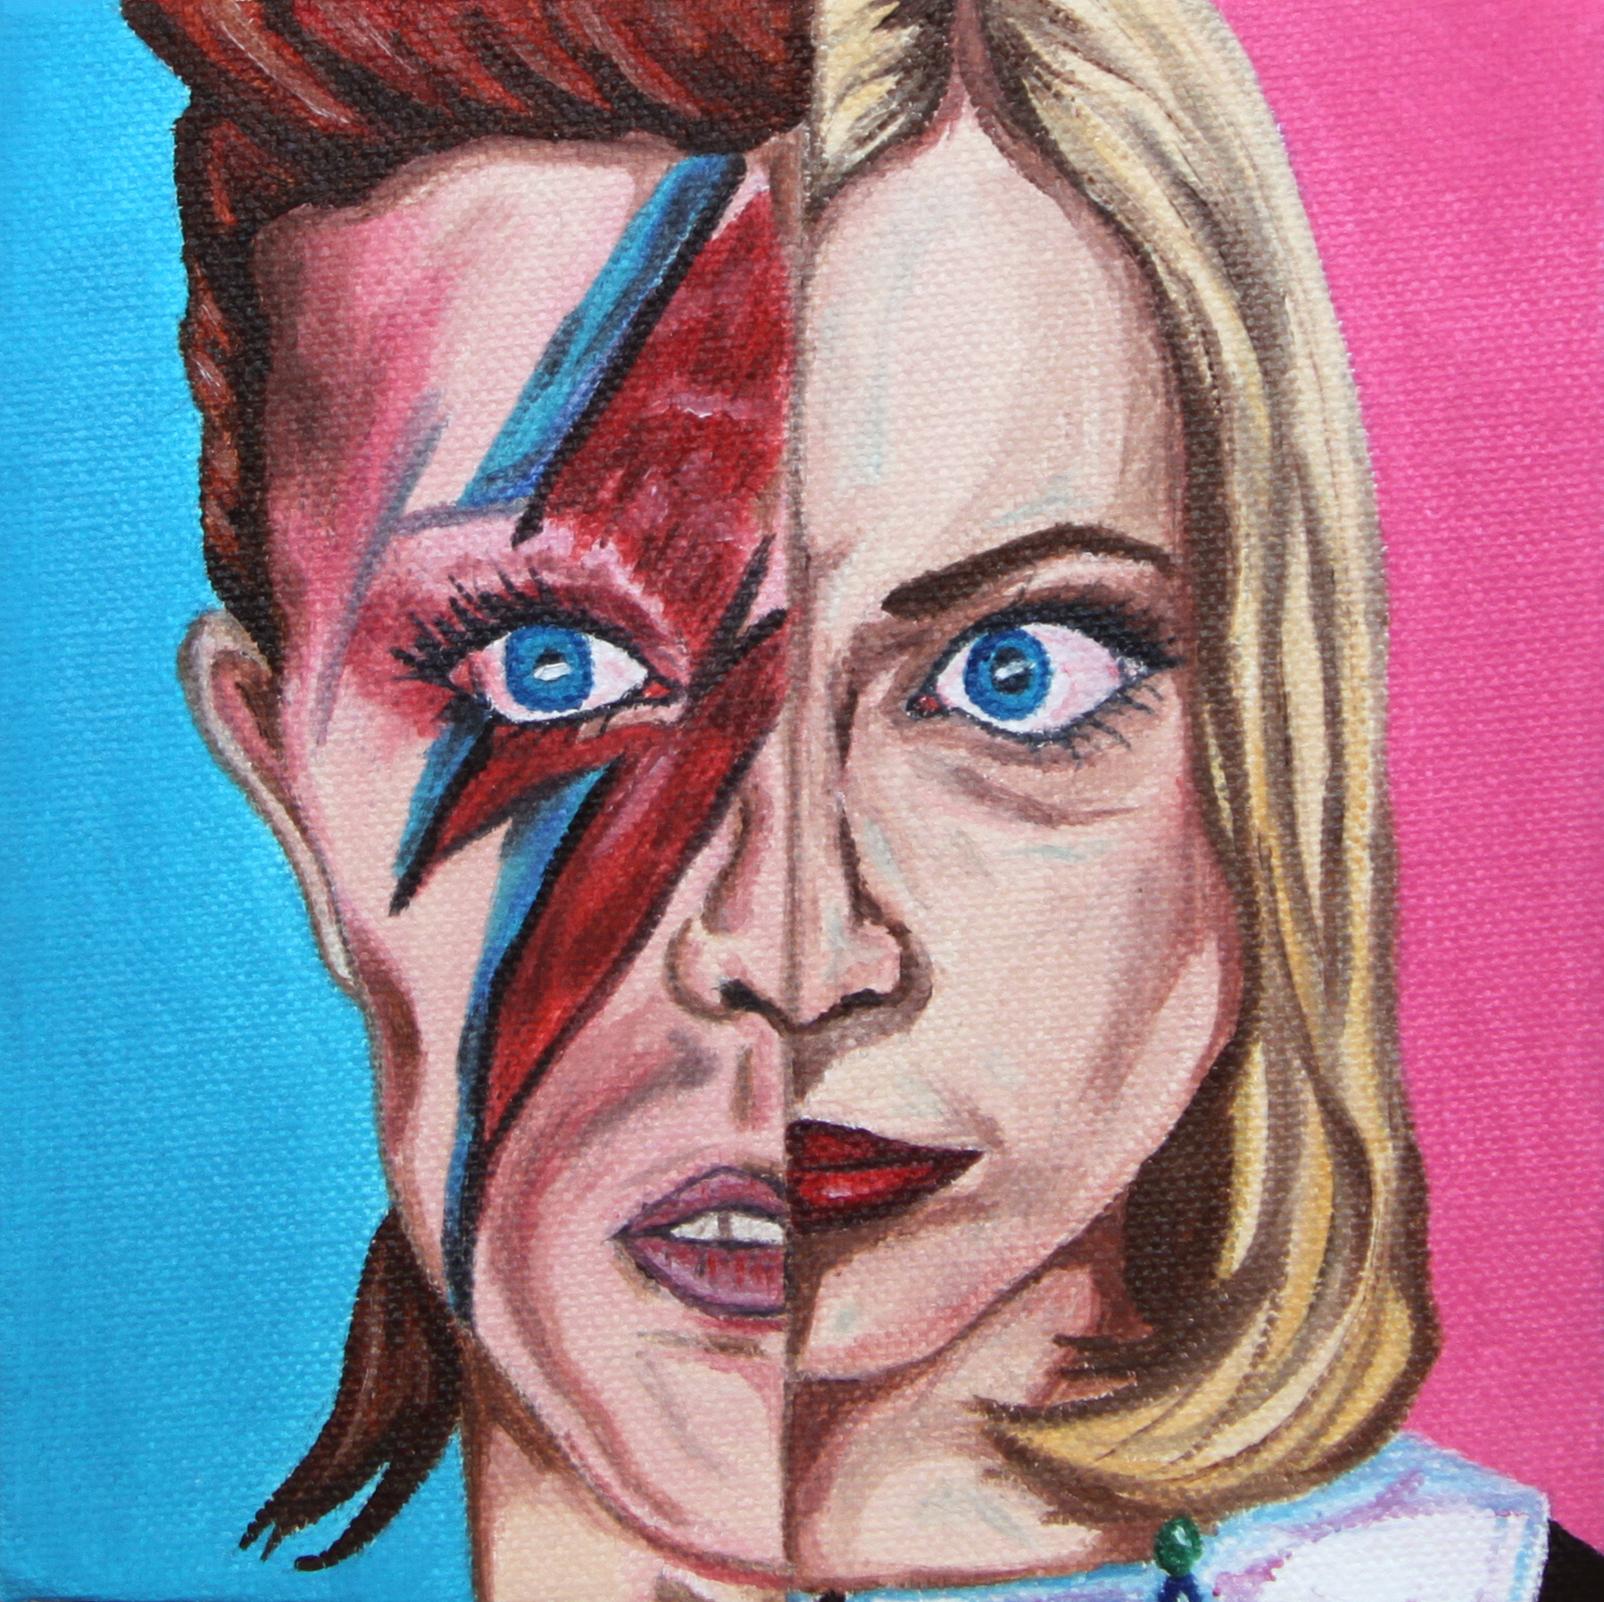 David Bowie + Me